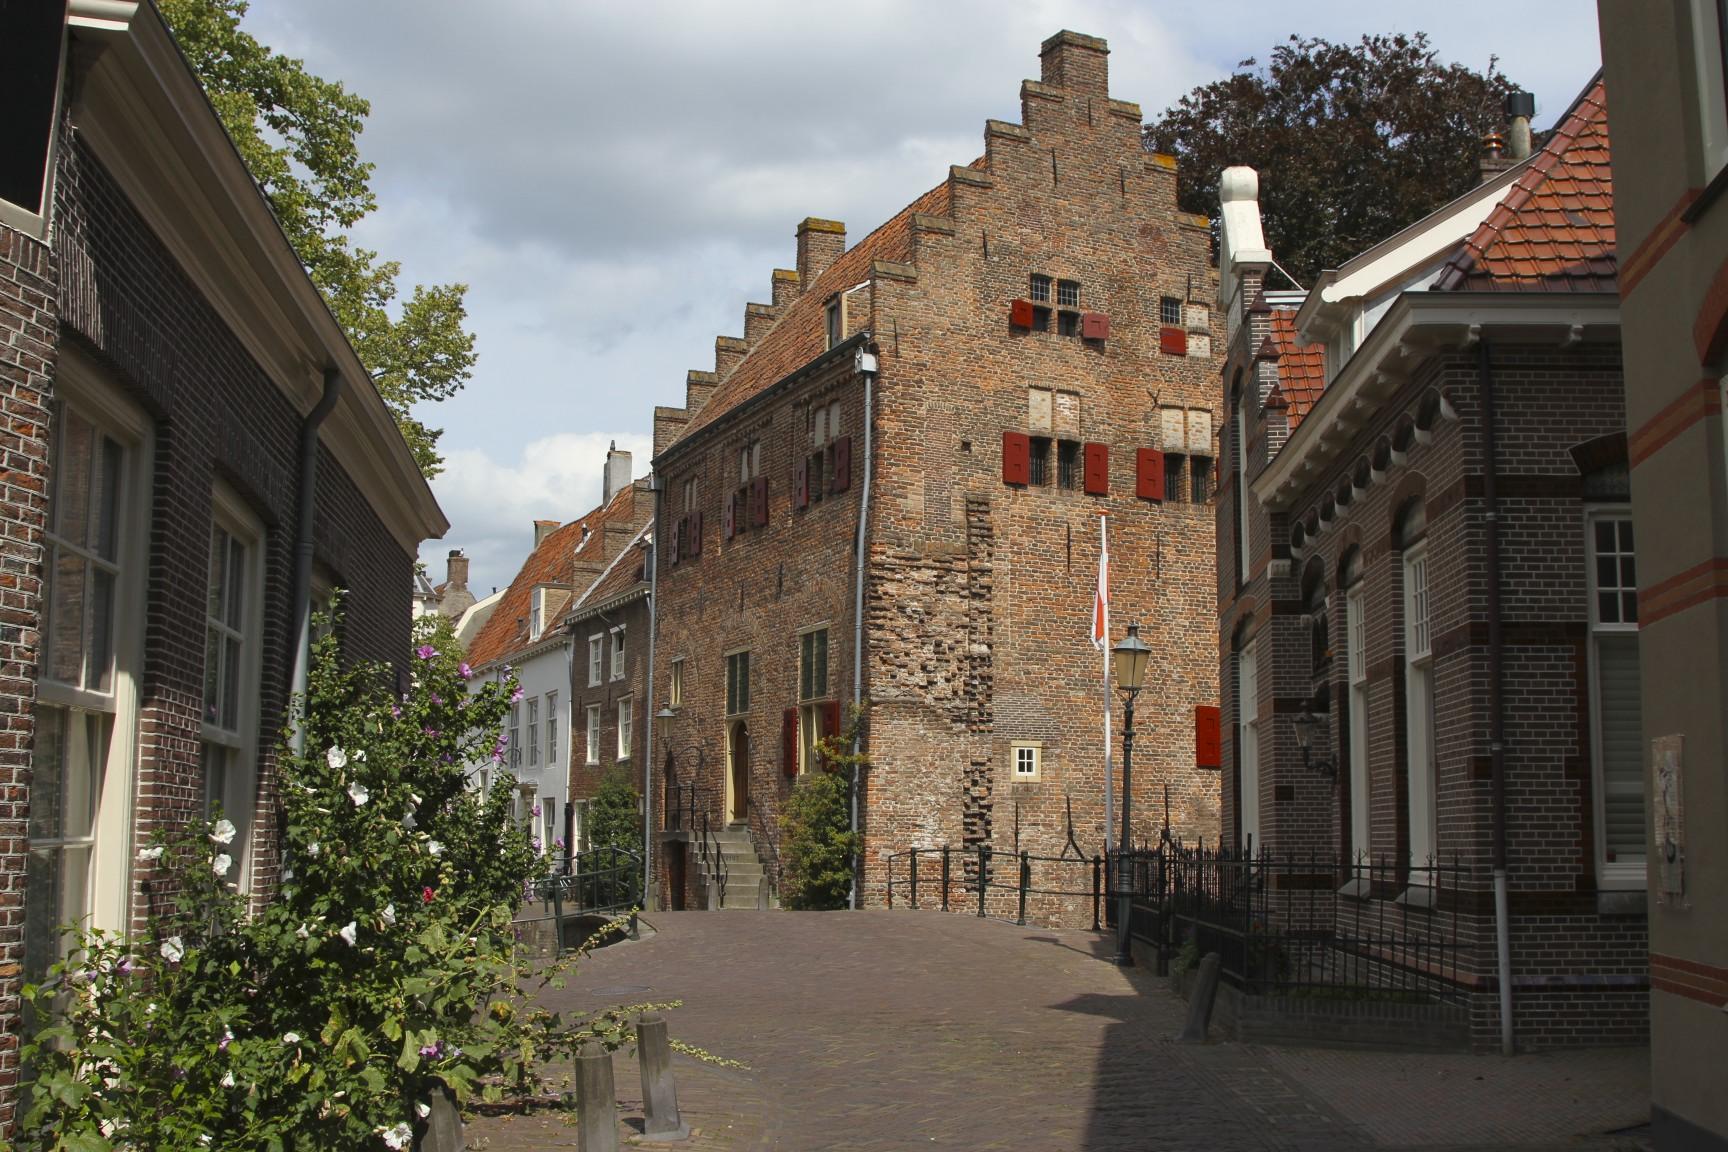 Amersfoort Netherlands  city photos gallery : Medieval town centre, Amersfoort, Netherlands